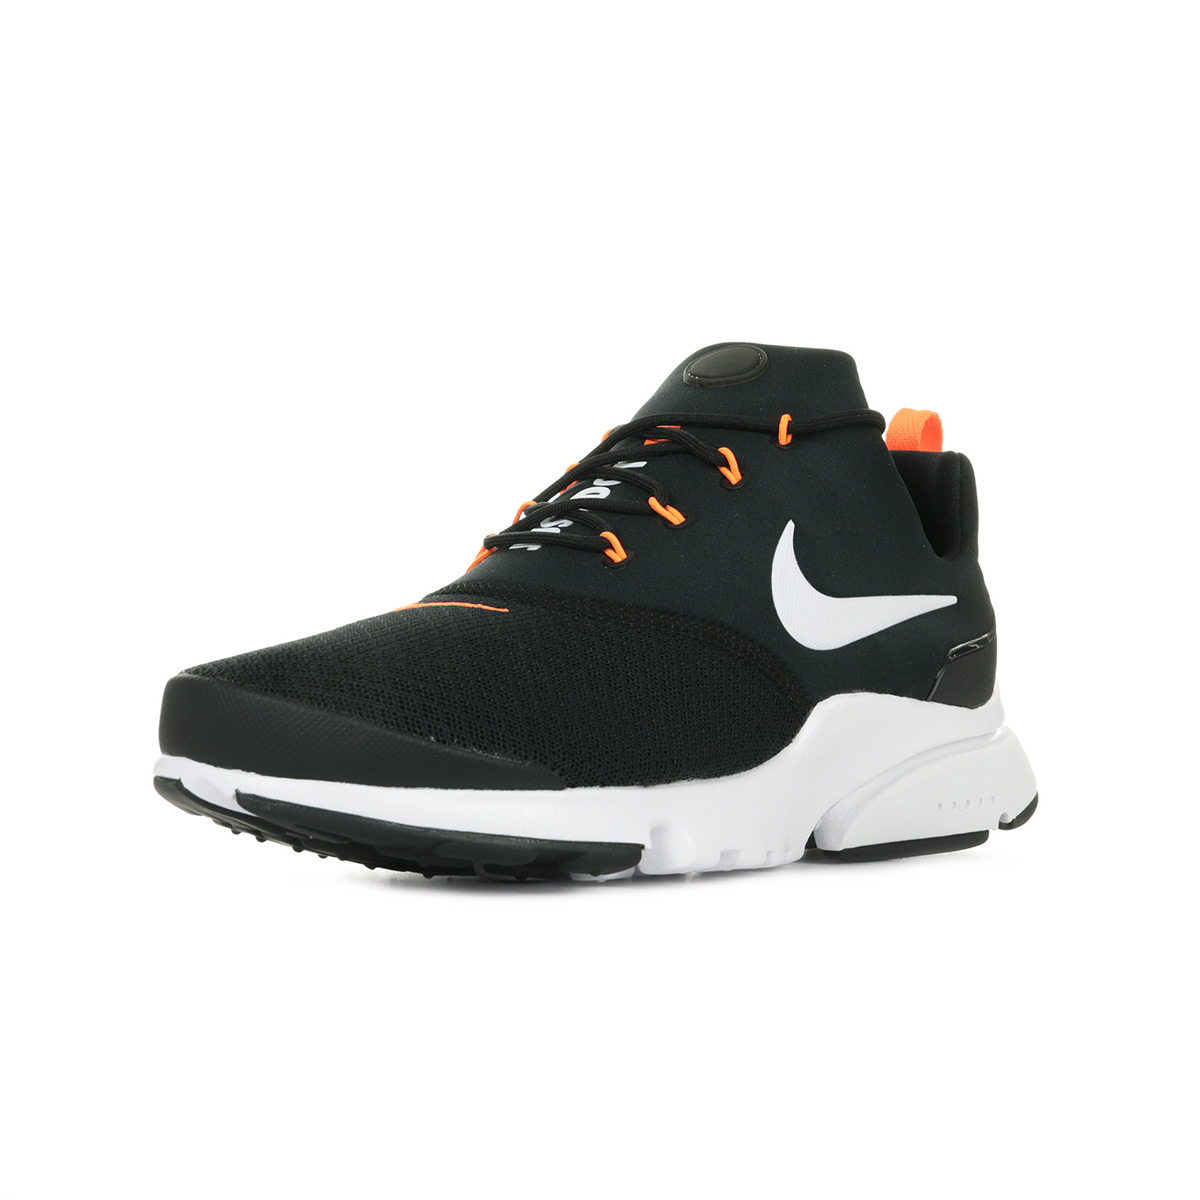 81a75a40aa7 Nike Presto Fly JDI AQ9688001